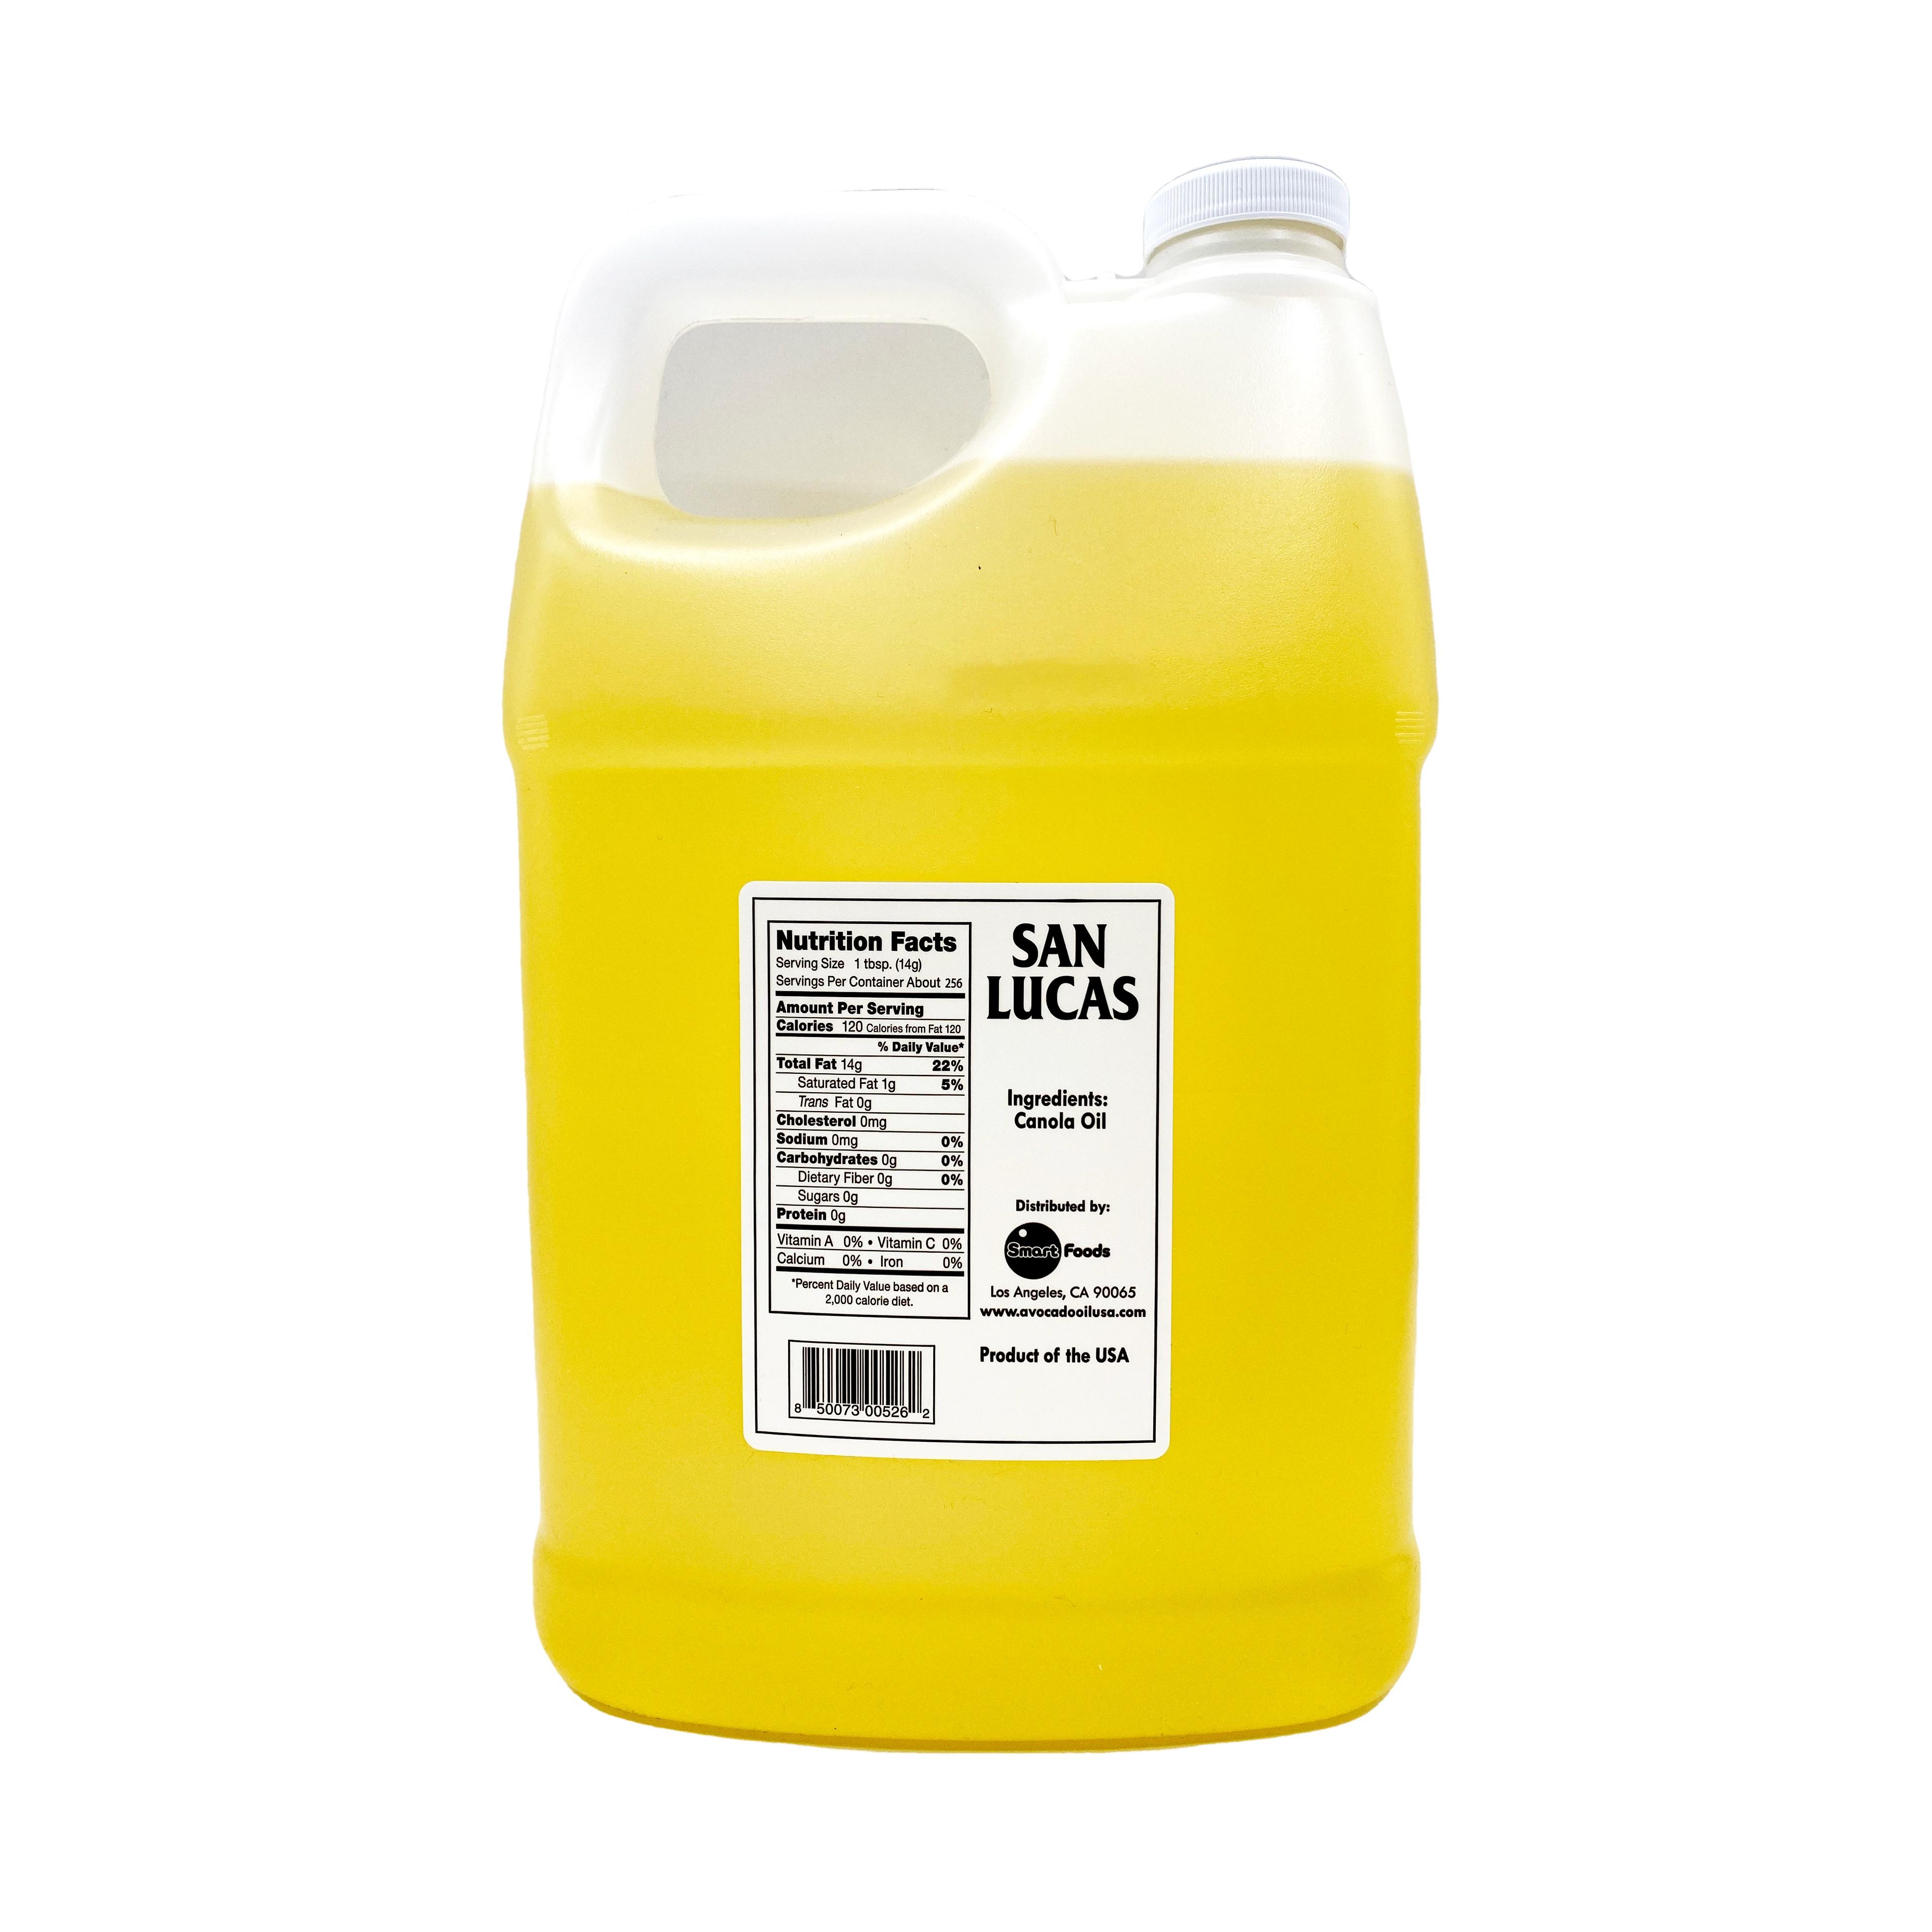 medium san lucas canola oil 100 1 gal oIygzA6J2